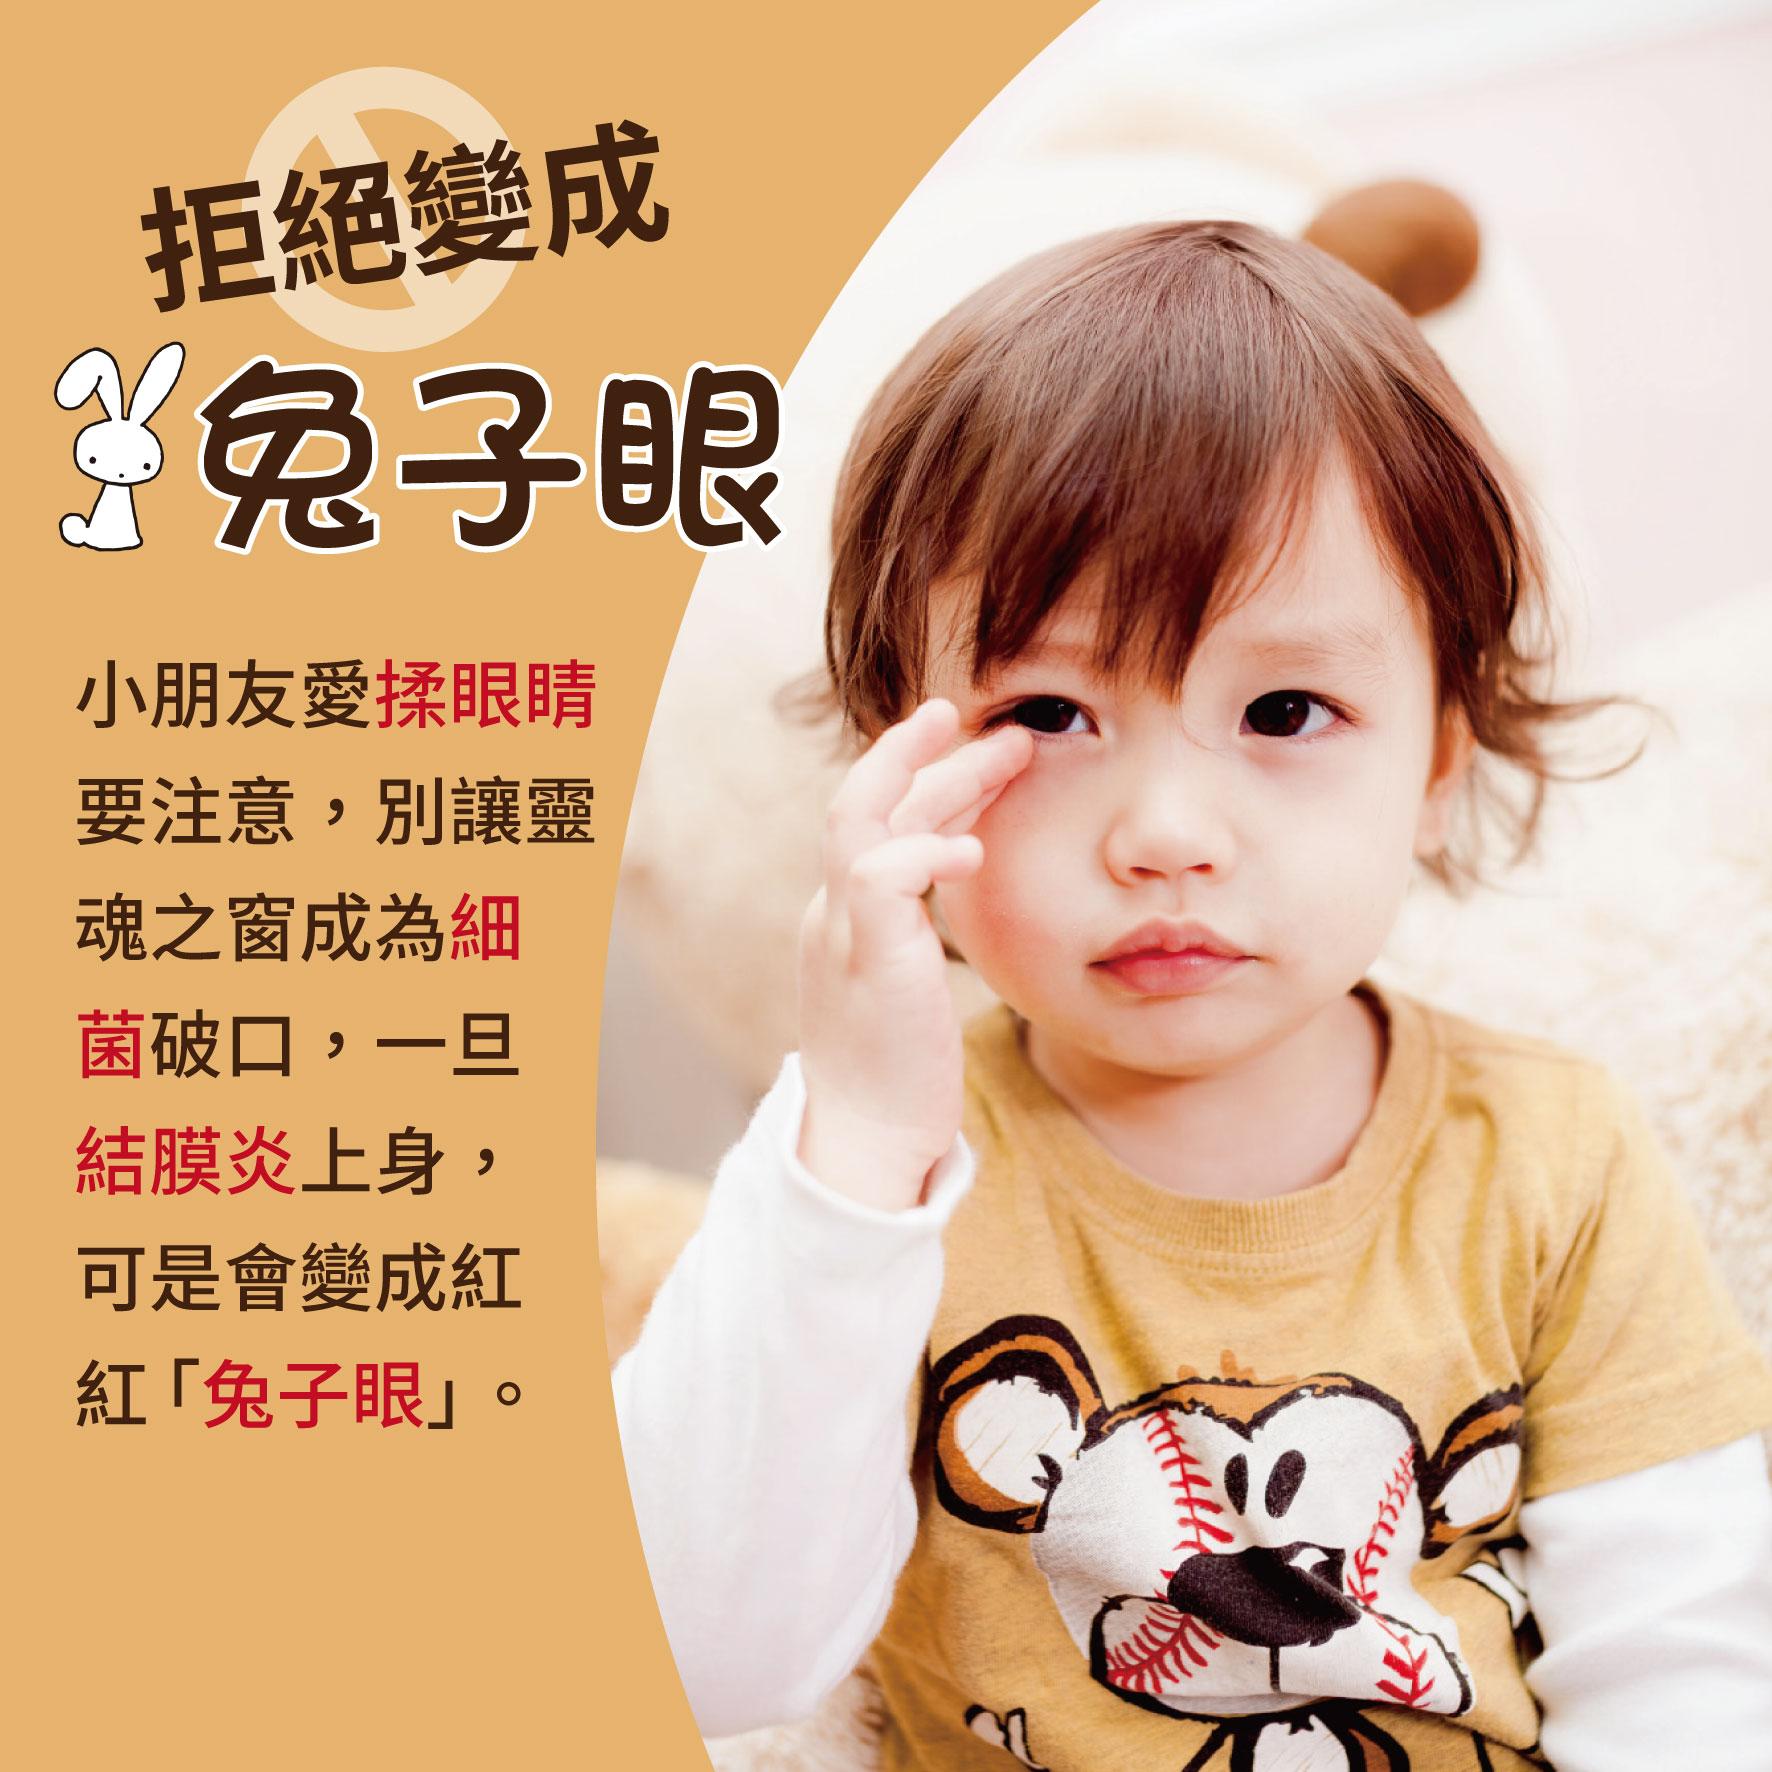 幼兒4歲(第28週)拒絕變成兔子眼